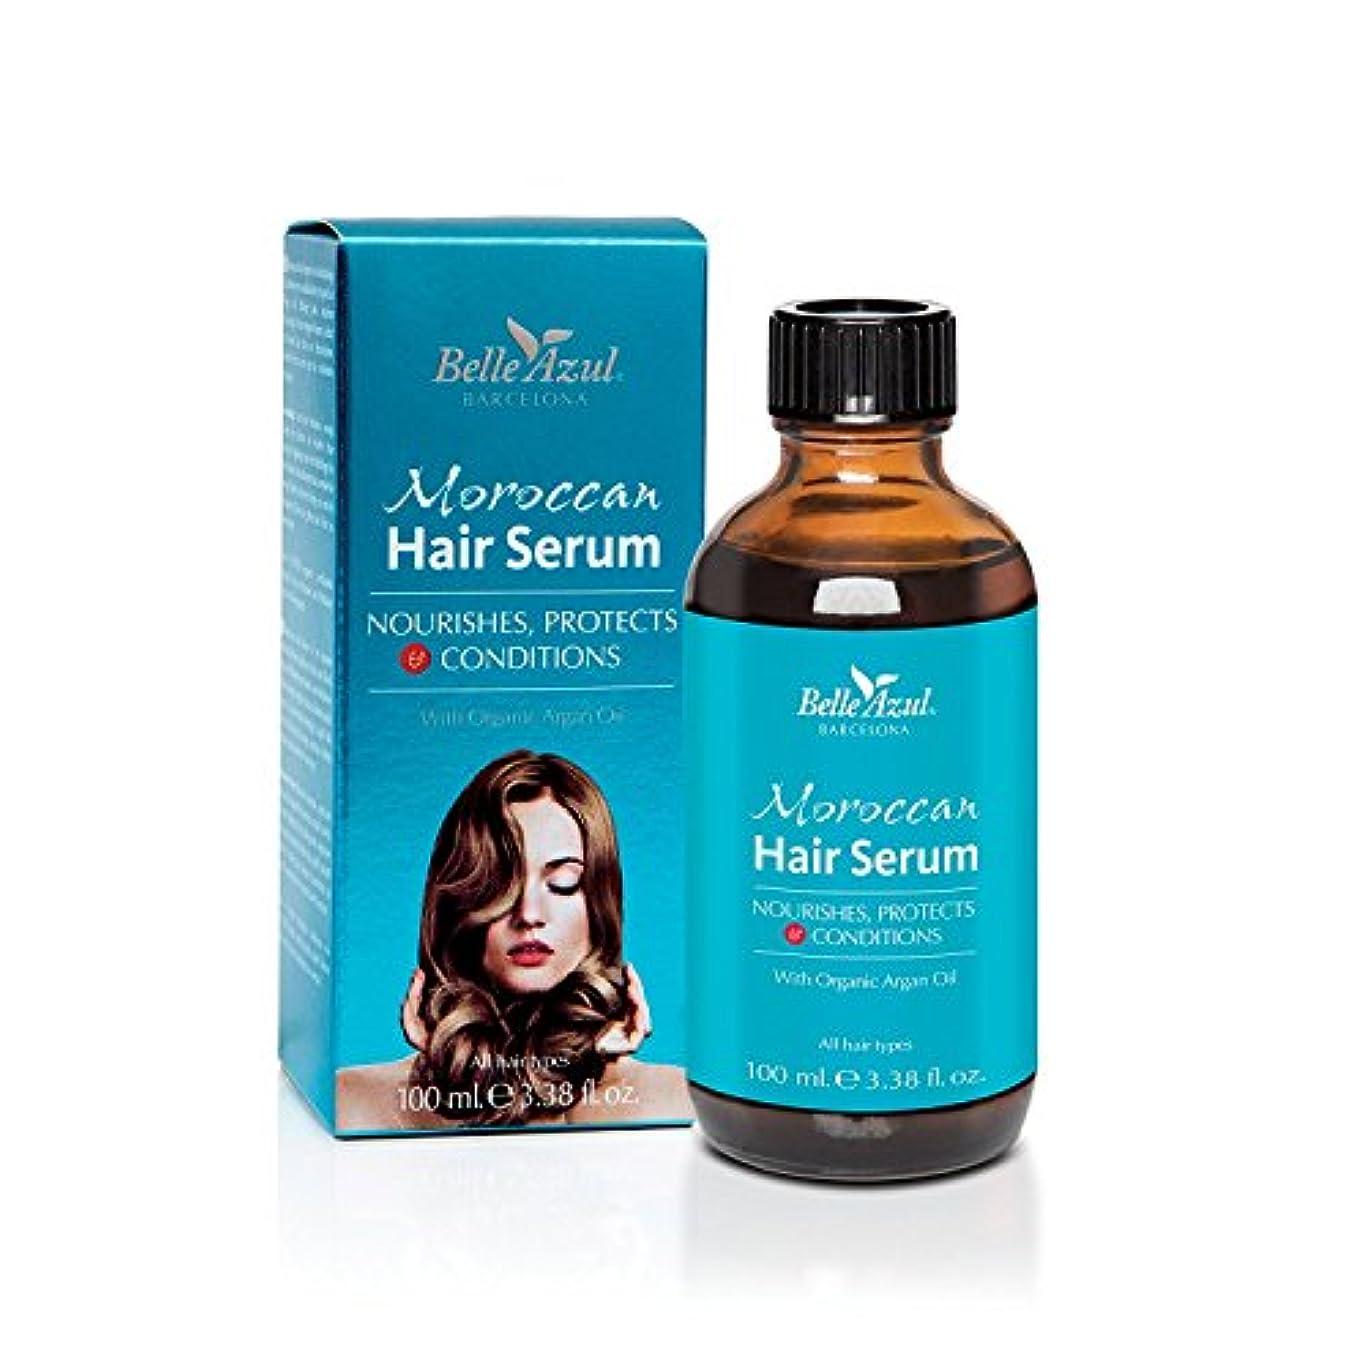 悲観的スパーク感嘆ベルアスール (Belle Azul) モロッカン ヘア セラム 髪用 美容液 アルガンオイル 配合